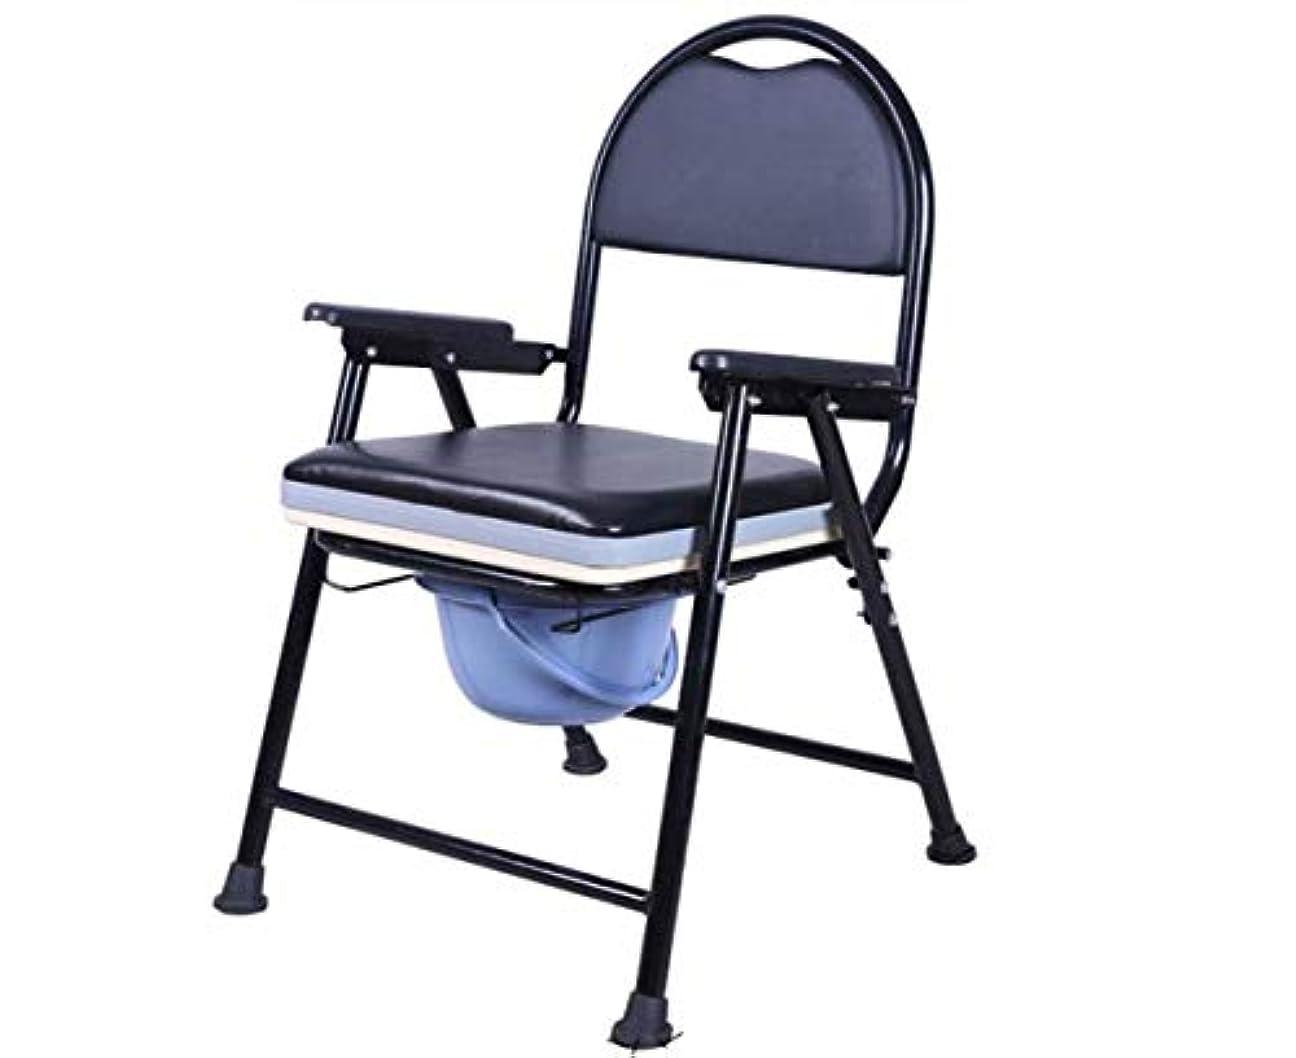 引き付ける発言するずっと折りたたみ式mode椅子とトイレサラウンド、軽量、丈夫、シンプル、高齢者高齢者向けのバスルームサポート、無効